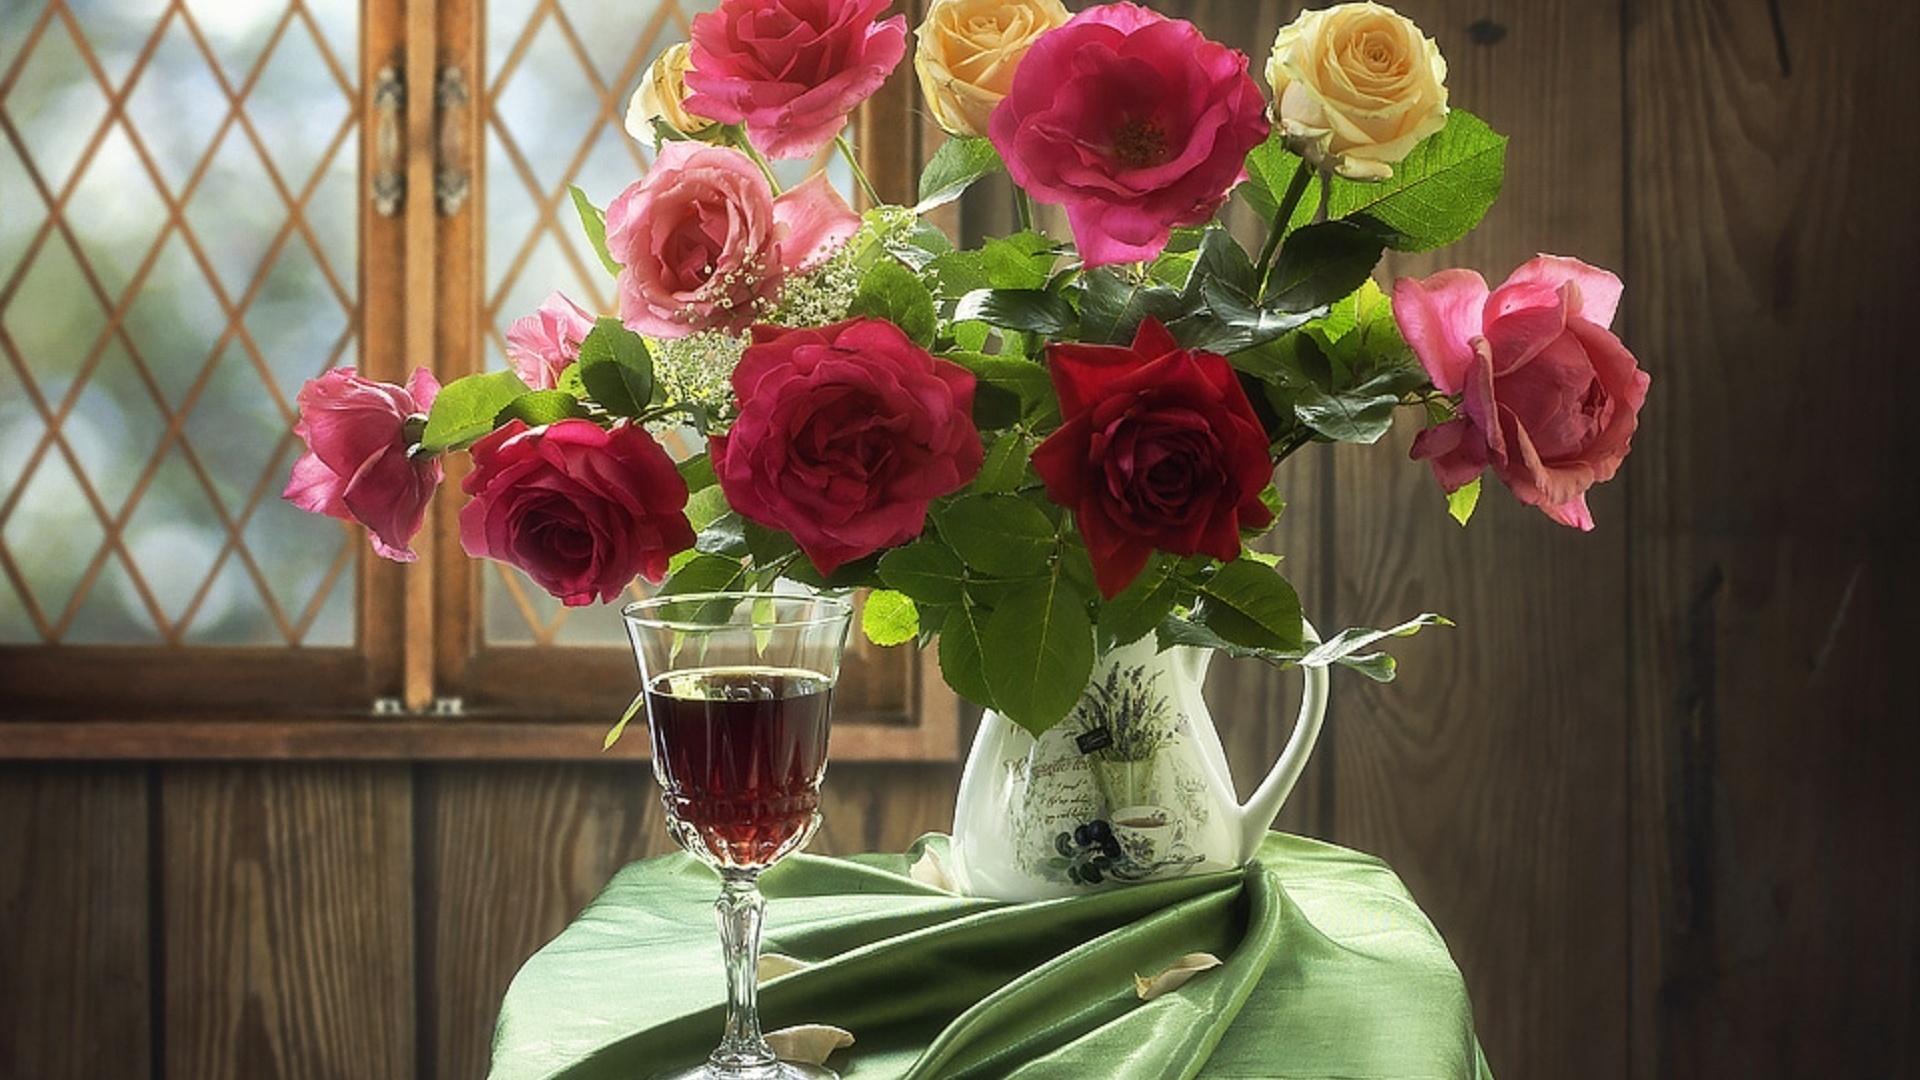 Картинки приятного вечера с розами